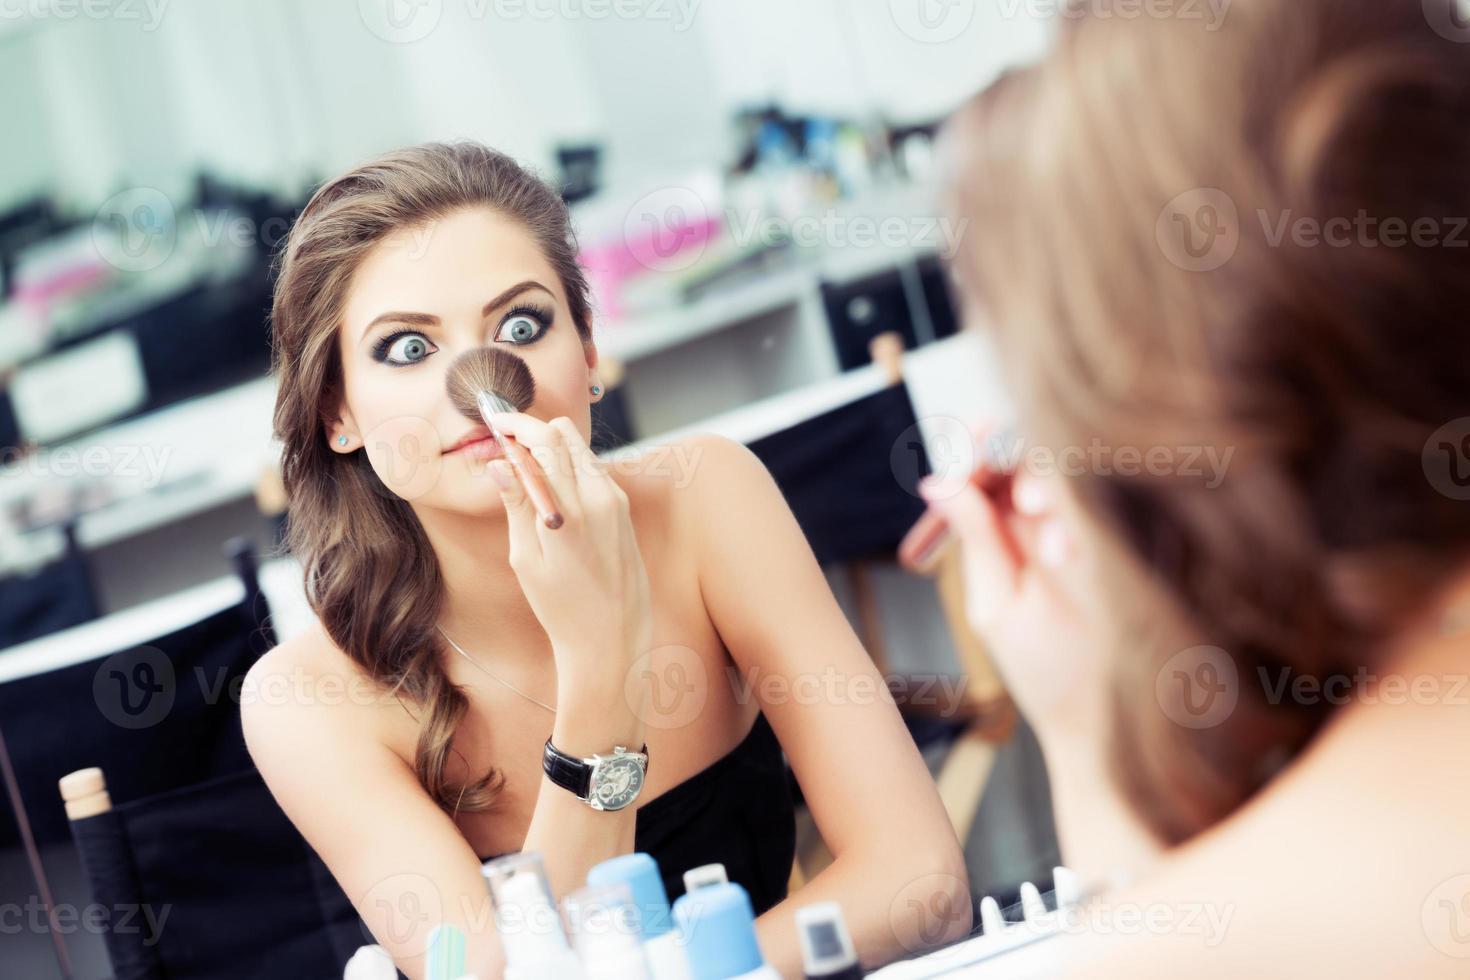 vrouw een grapje voor een spiegel foto